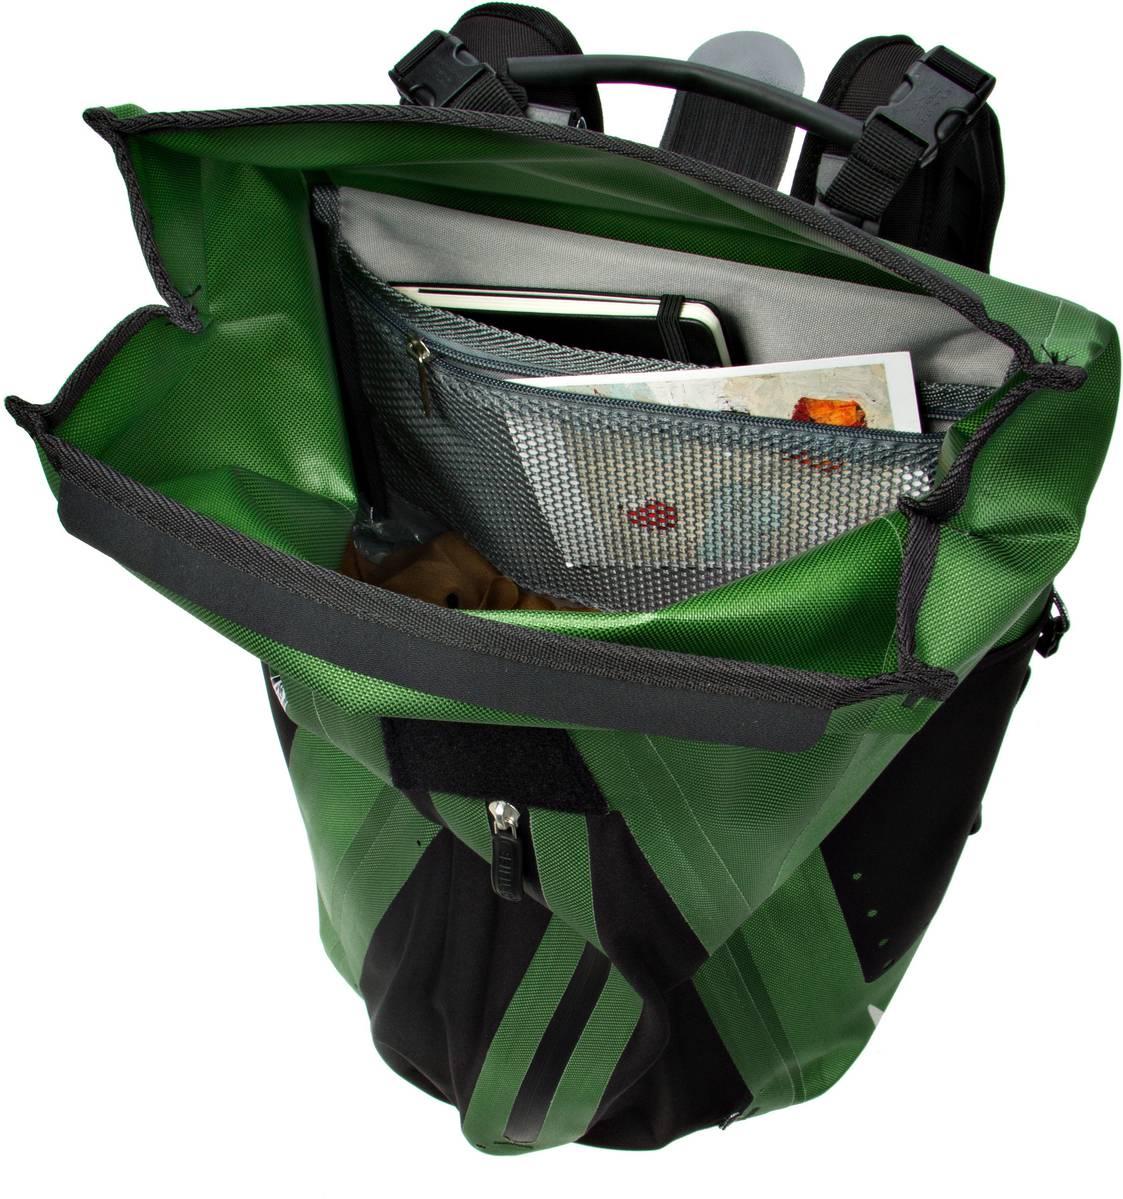 ortlieb fahrradtasche rucksack vario ql2 1 moosgr n beim fahrradfachh ndler kaufen. Black Bedroom Furniture Sets. Home Design Ideas